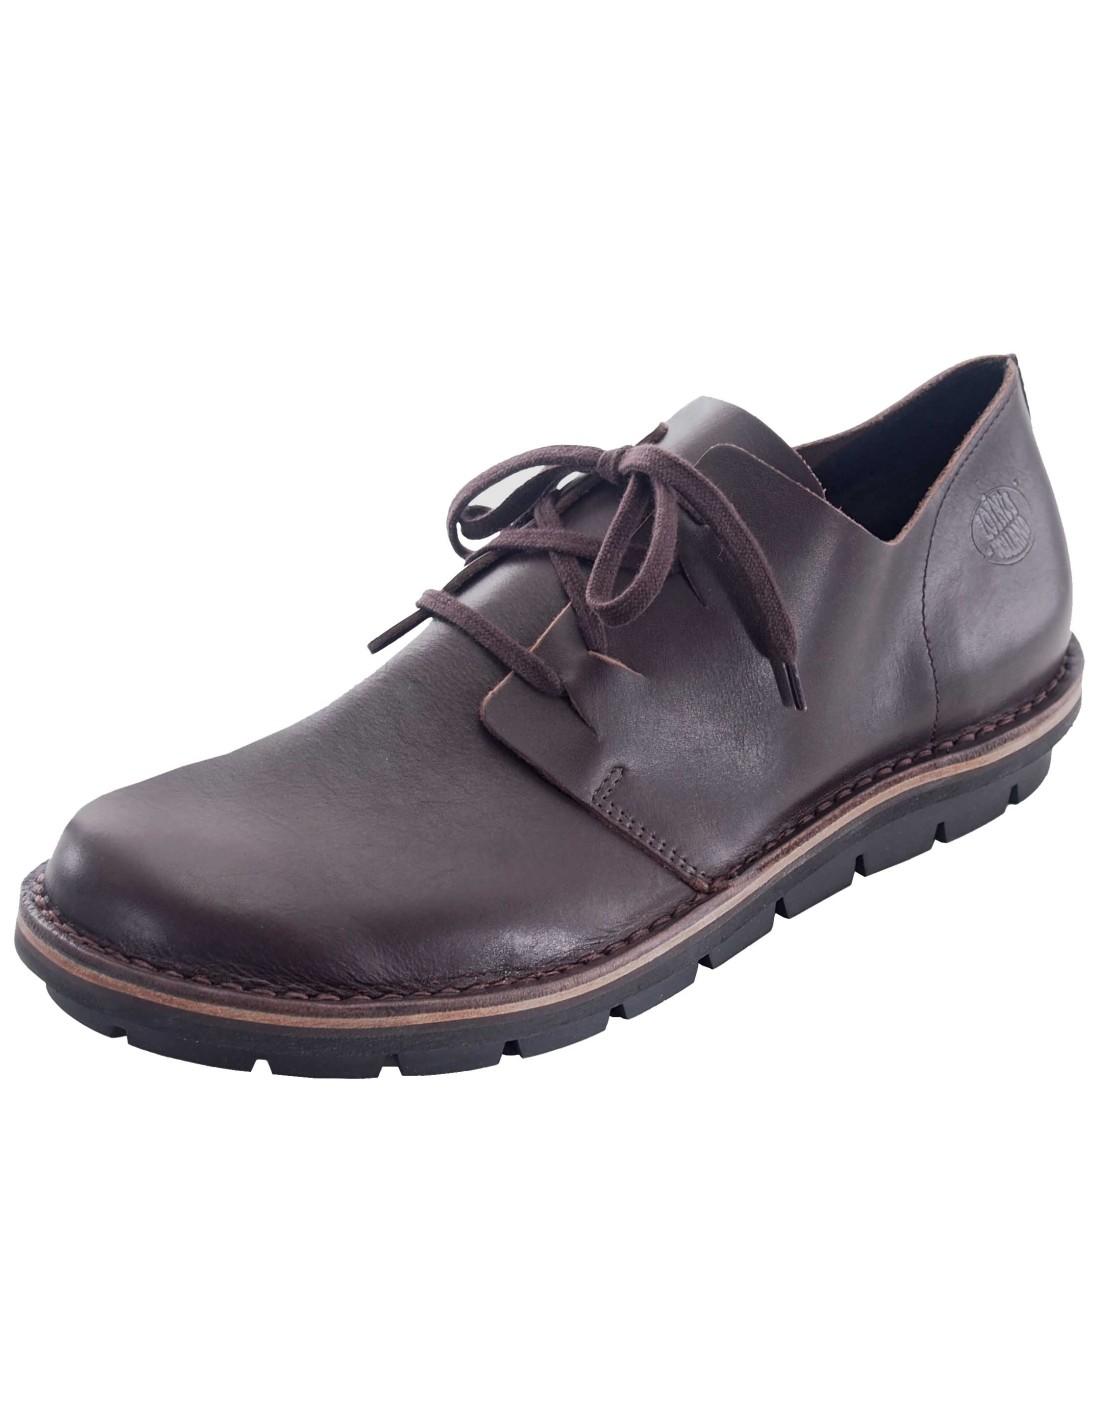 b15b7b60deb3a zapatos de hombre Loints of Holland